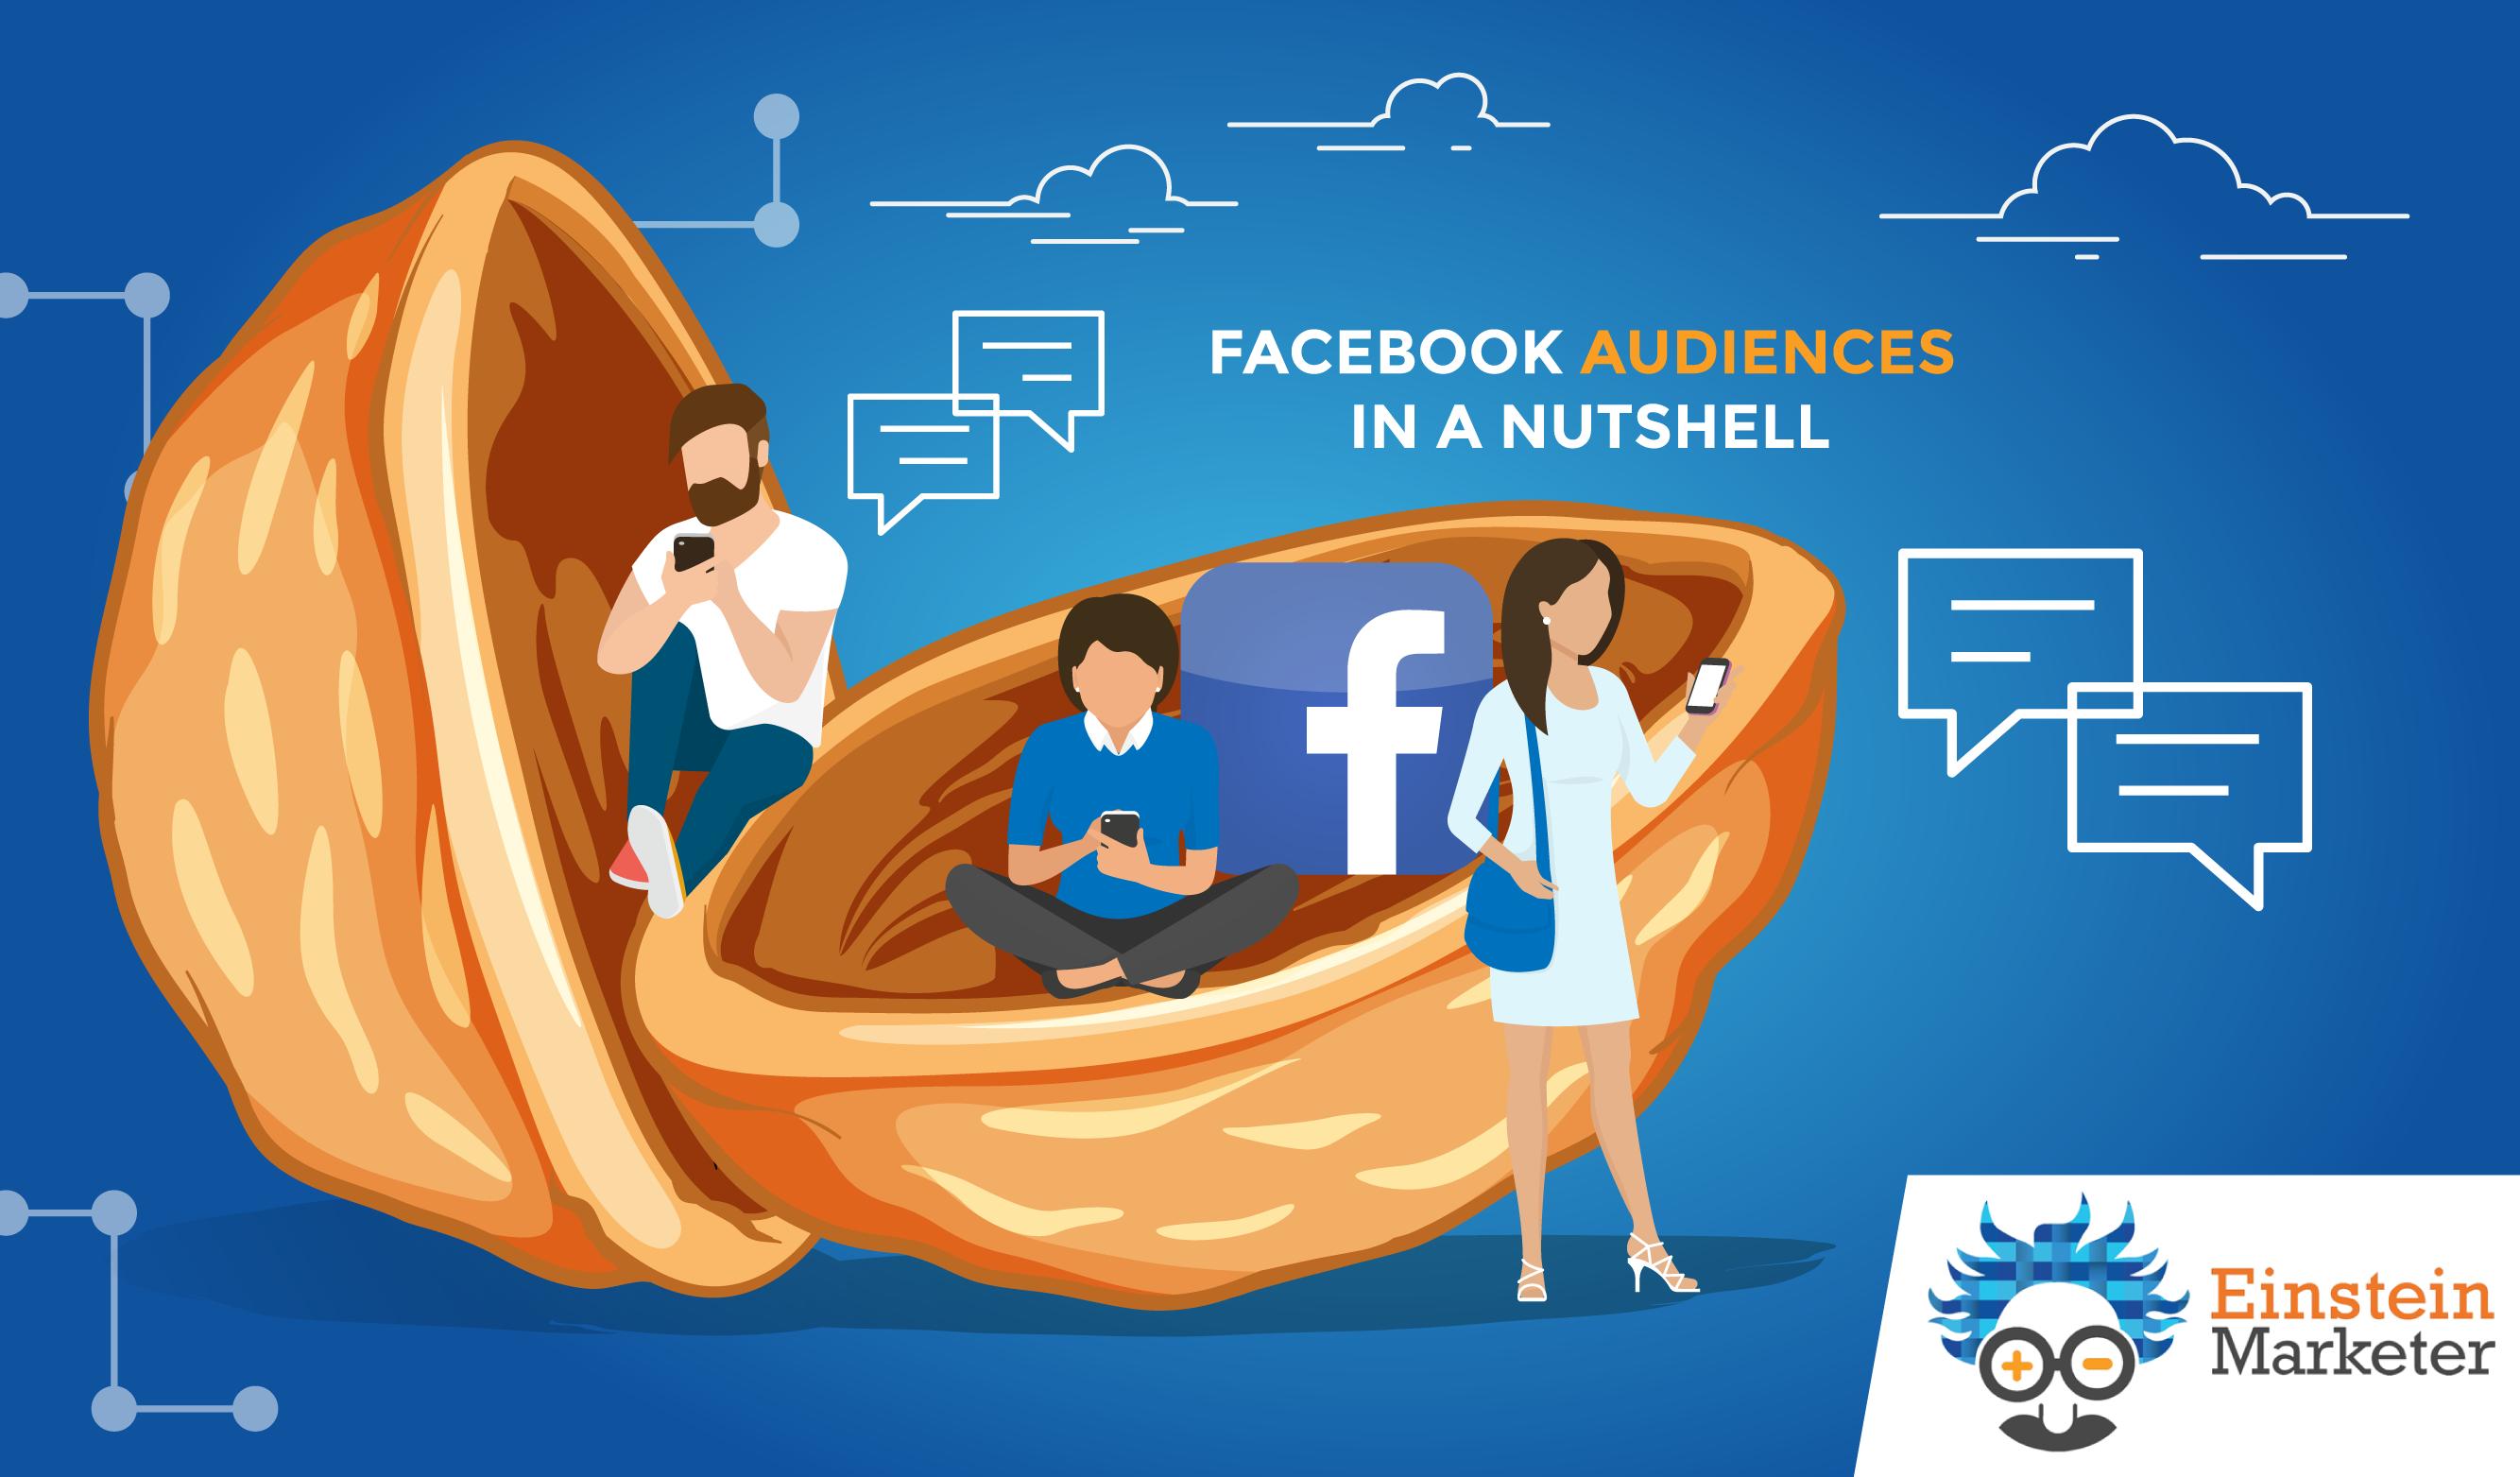 zeigarnik effect in marketing facebook audiences